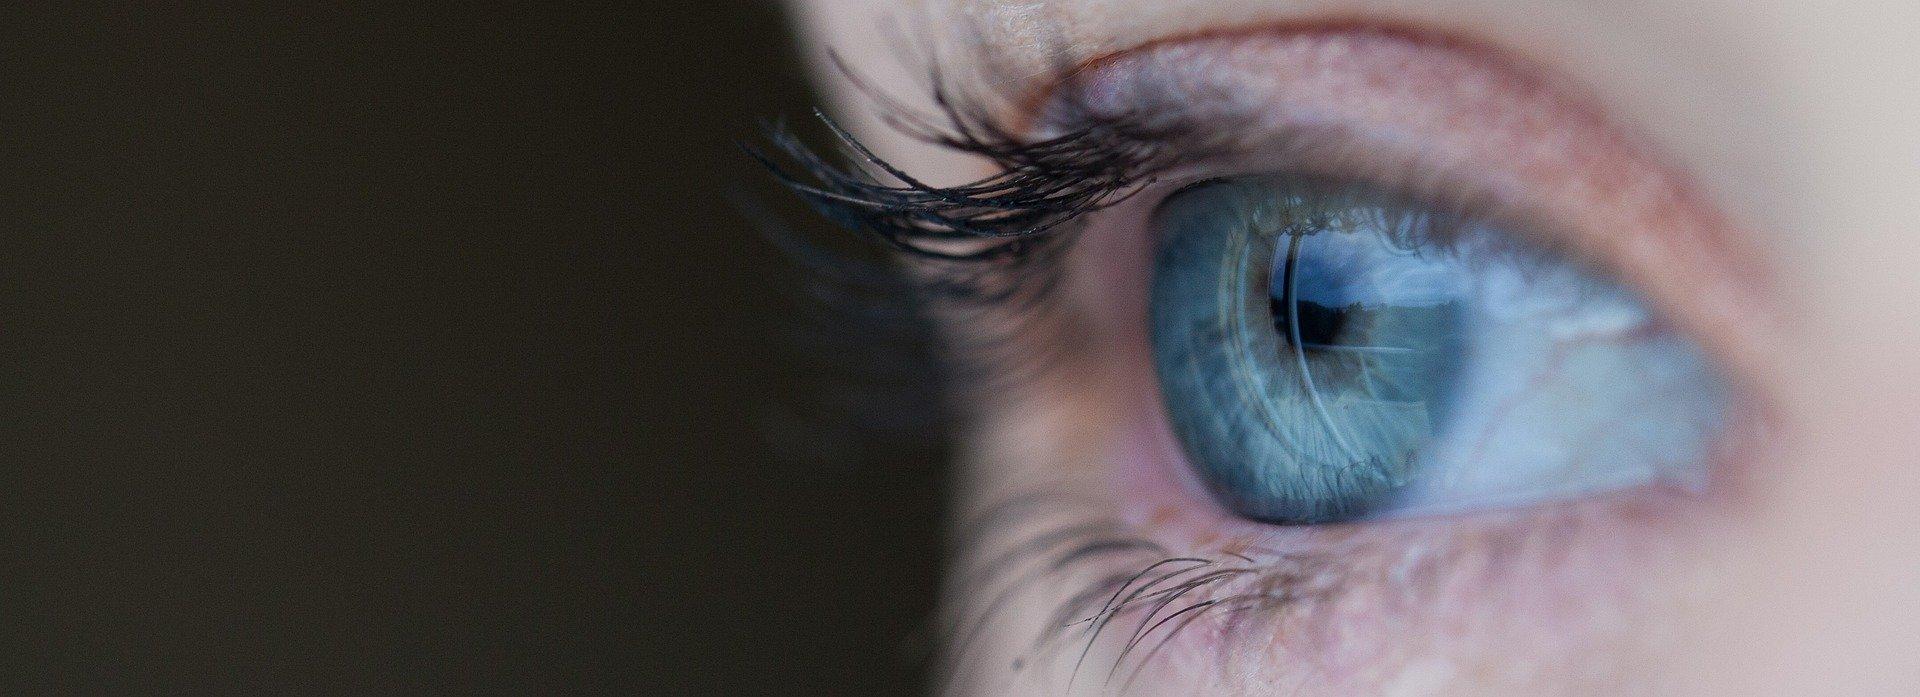 hogyan erőlködnek a szemek